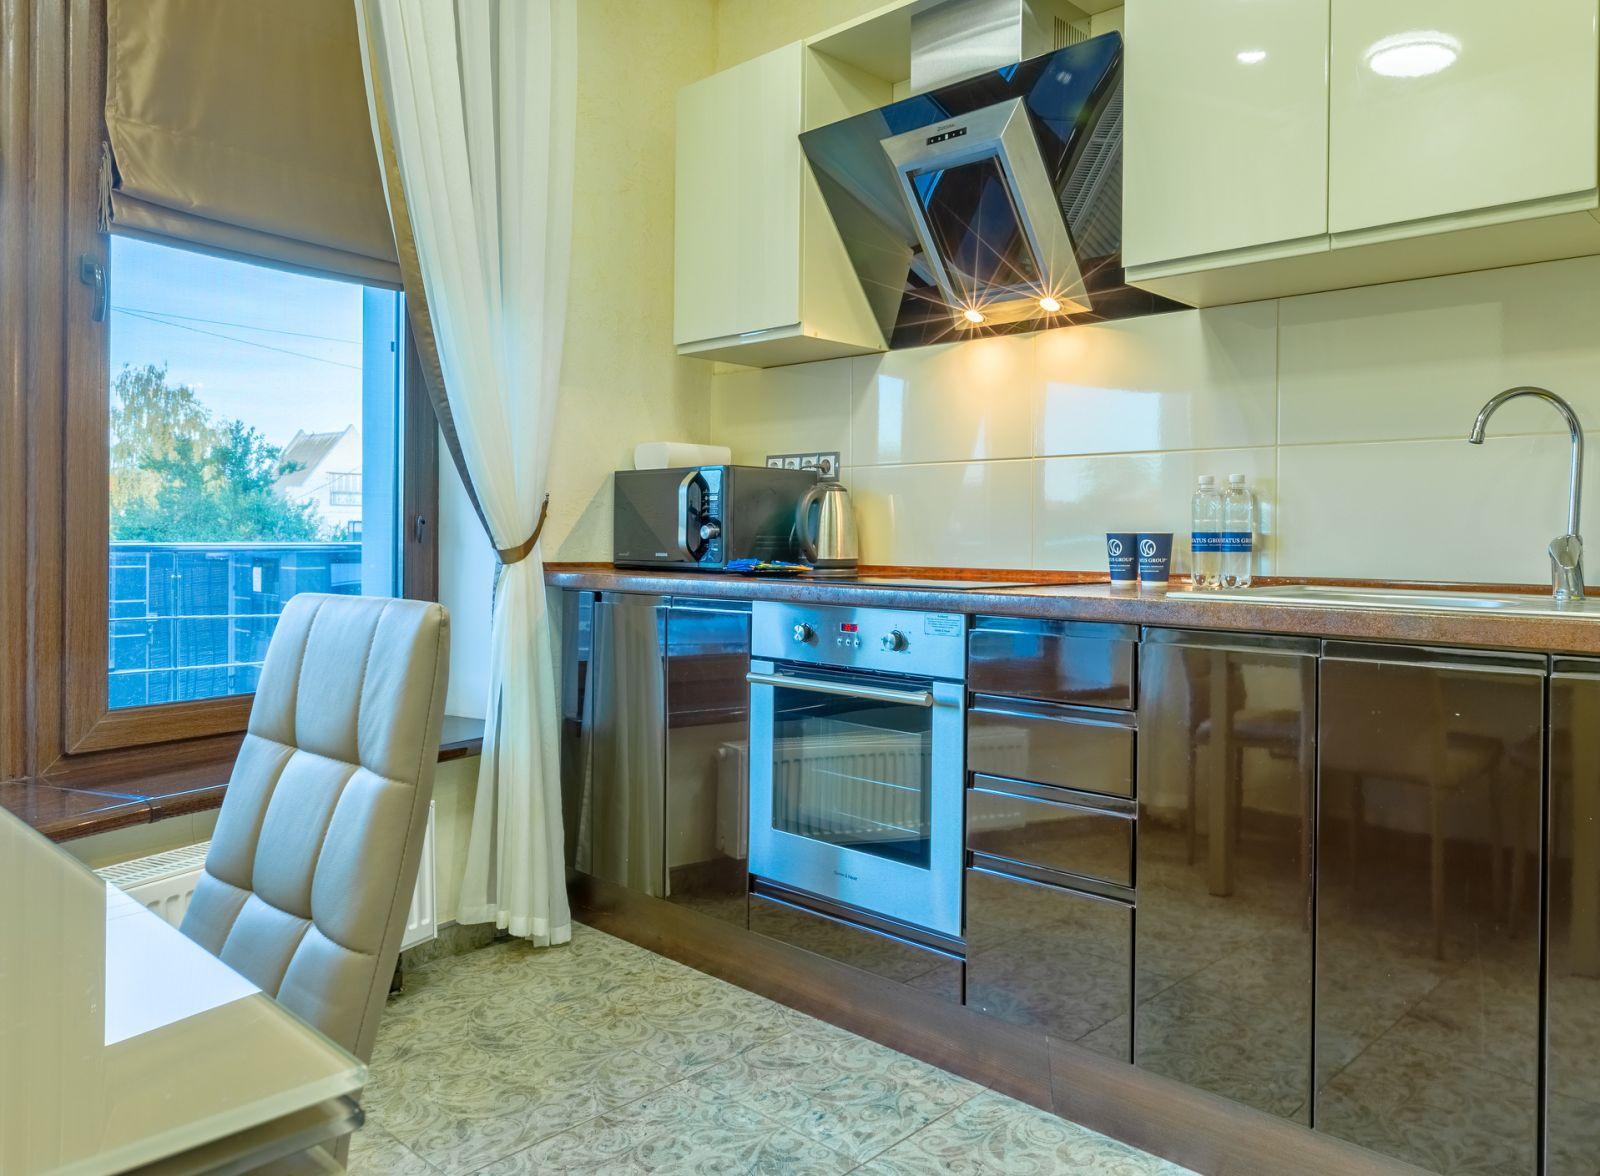 Долгосрочная аренда квартир в Клубном премиум-комплексе Sky River